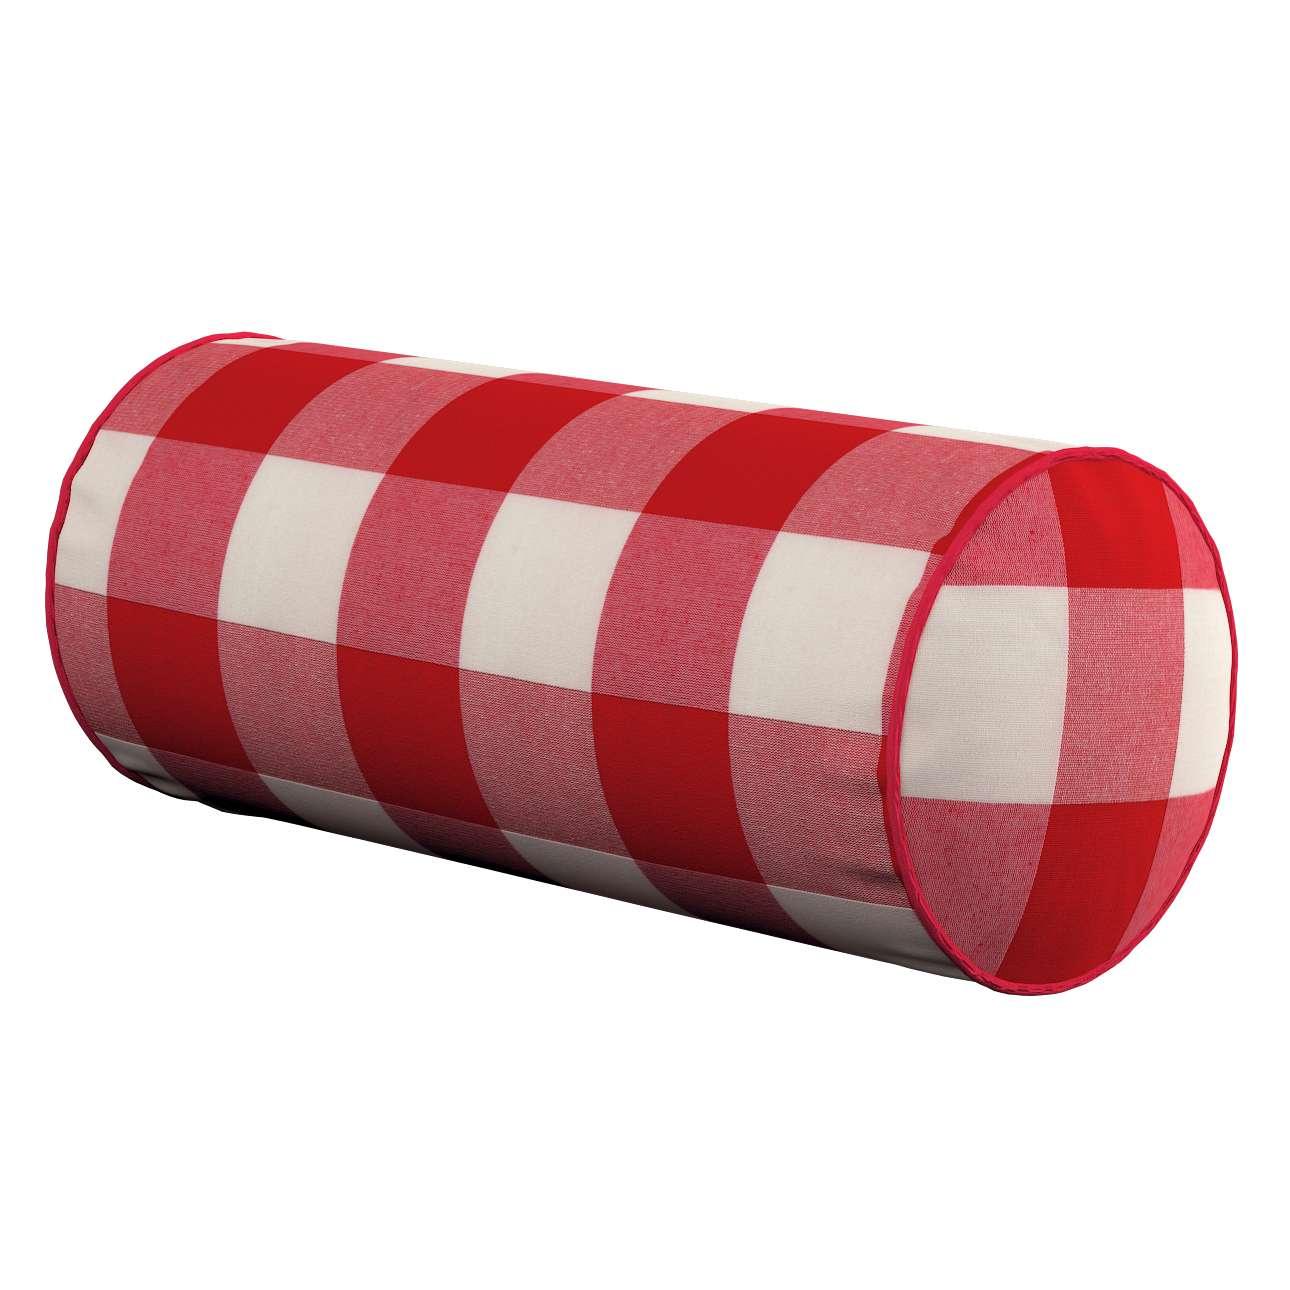 Ritinio formos  pagalvėlė Ø 16 x 40 cm (6 x 16 inch) kolekcijoje Quadro, audinys: 136-18